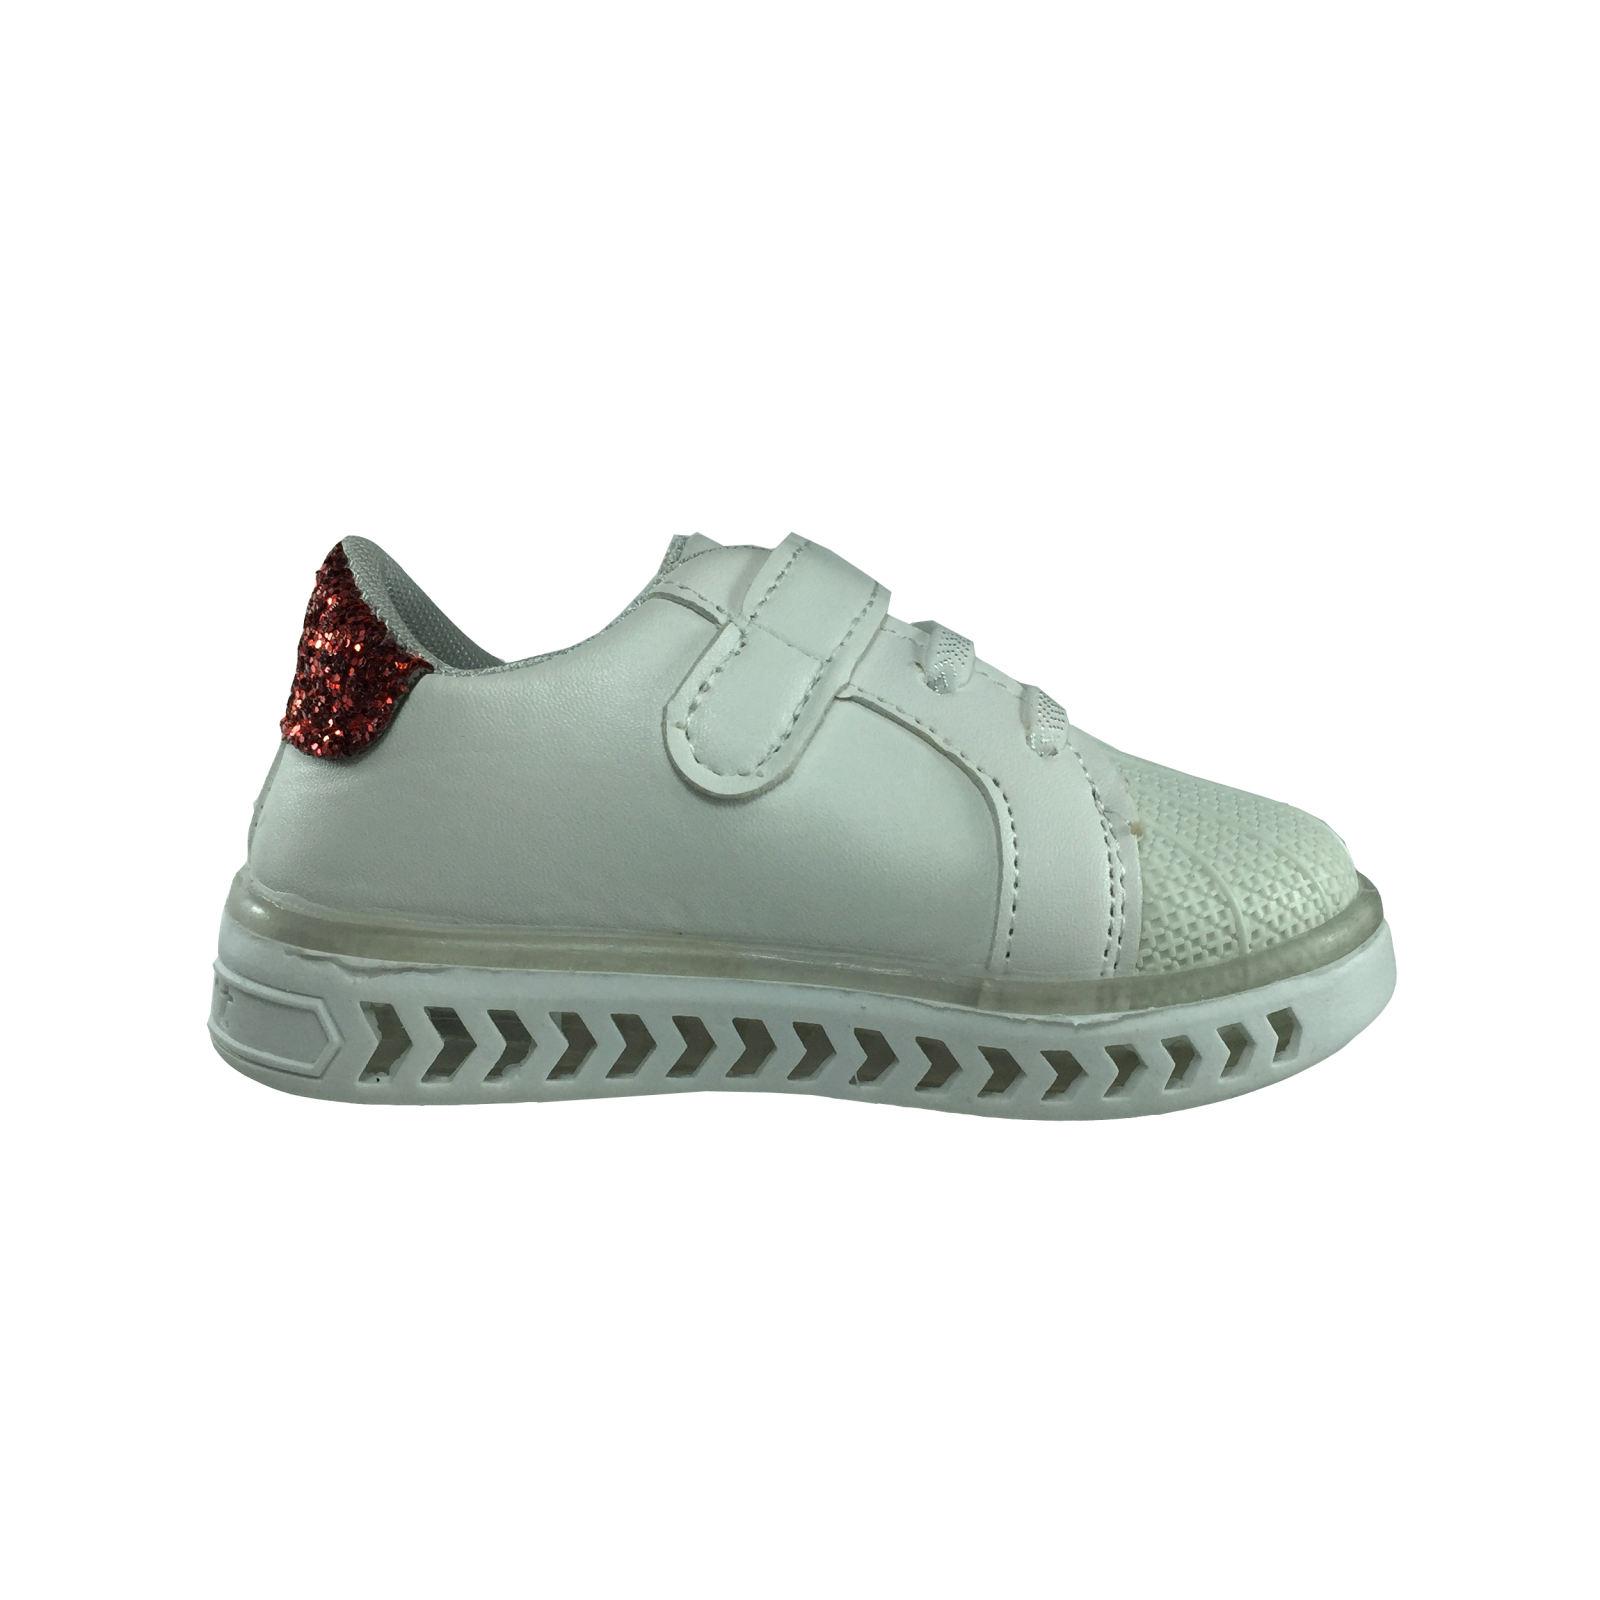 کفش نوزادی مدل B460 -  - 1